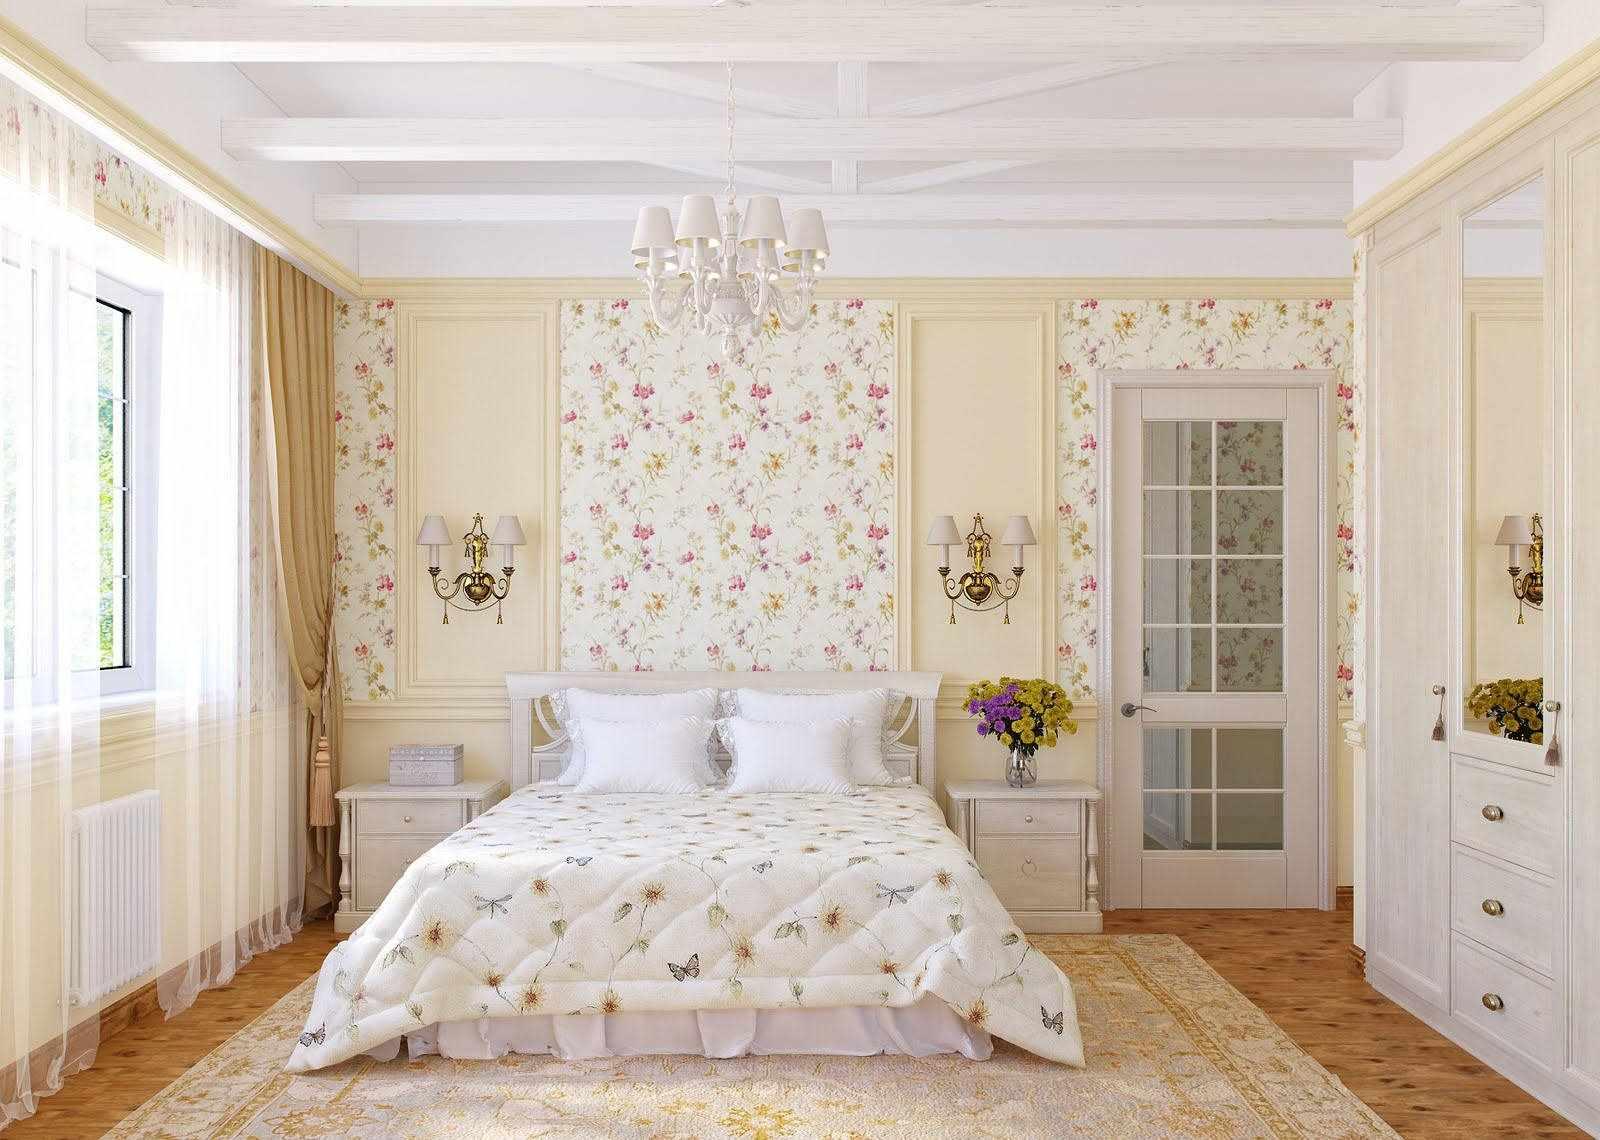 Интерьер в стиле прованс с комбинированными обоями